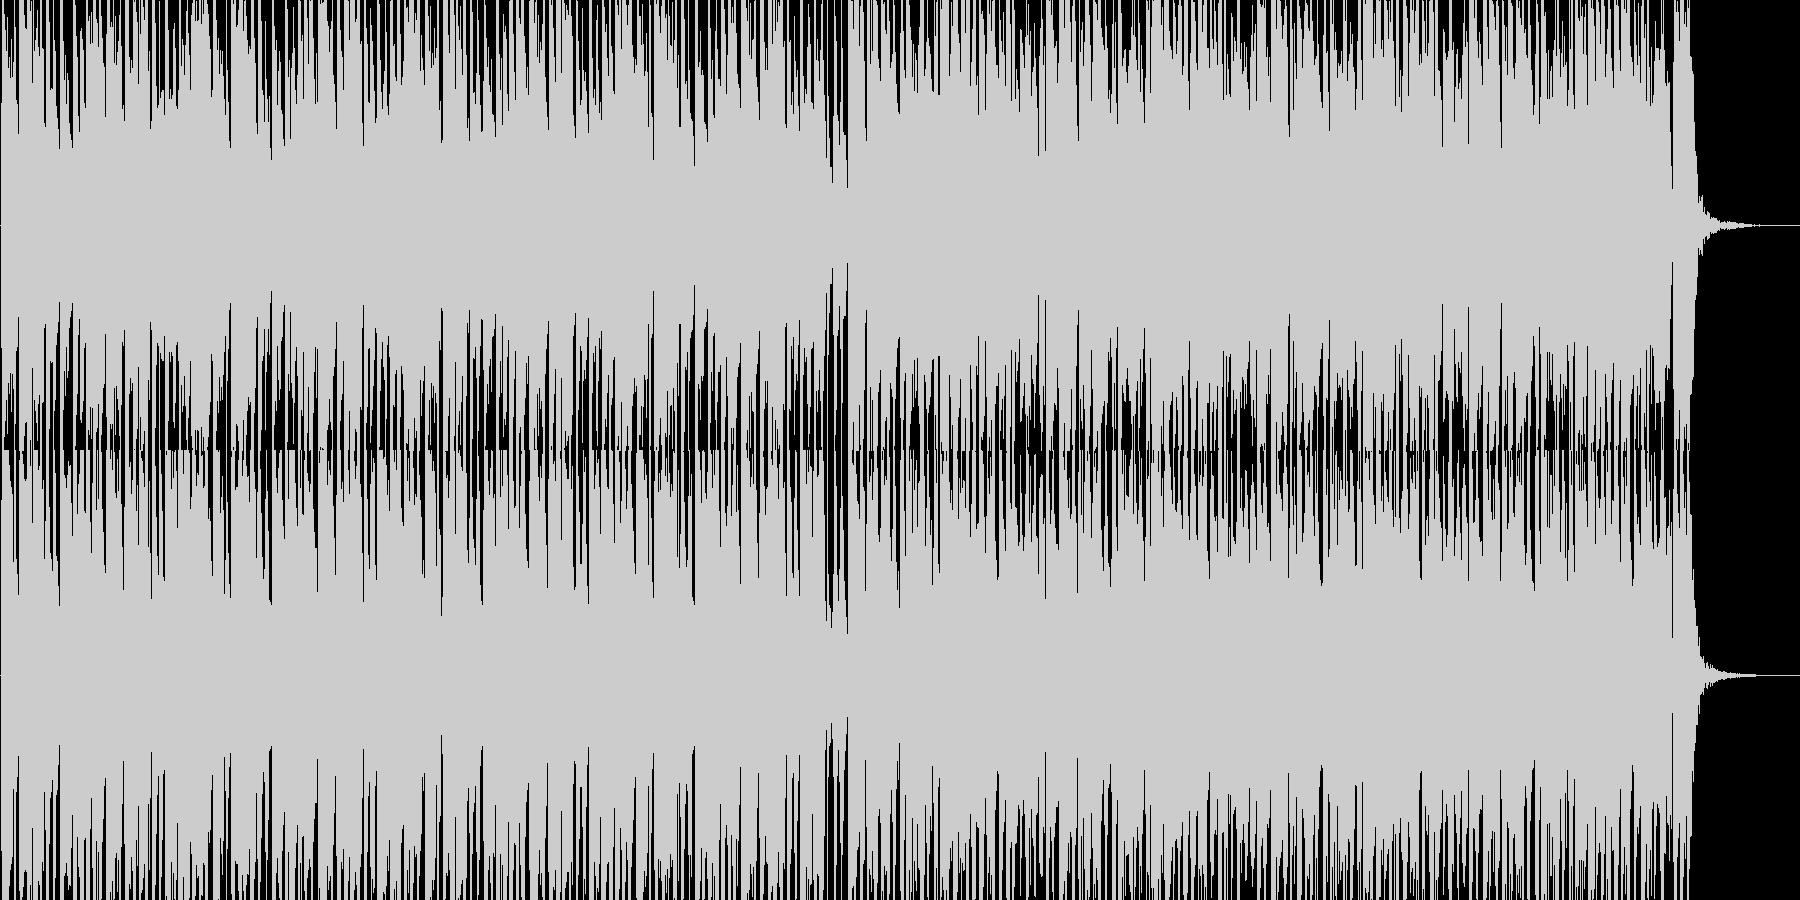 軽快なラテン系ルンバ、ボサノバ曲の未再生の波形